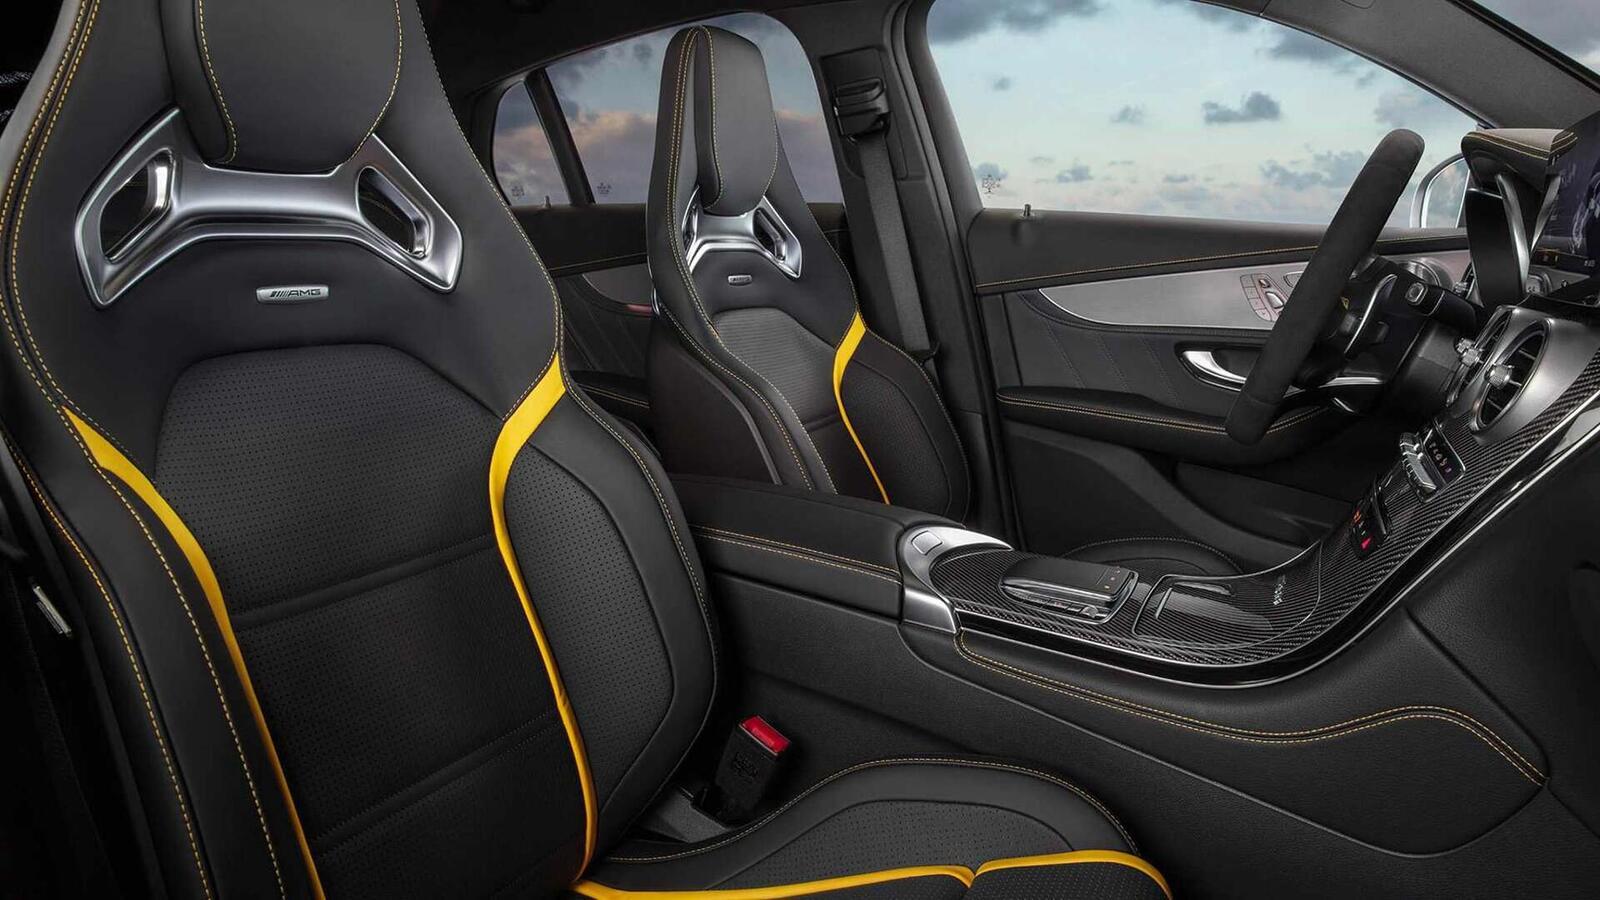 Mercedes-AMG giới thiệu GLC và GLC Coupe 63 mới lắp động cơ V8 4.0L Biturbo mạnh hơn 460 mã lực - Hình 30